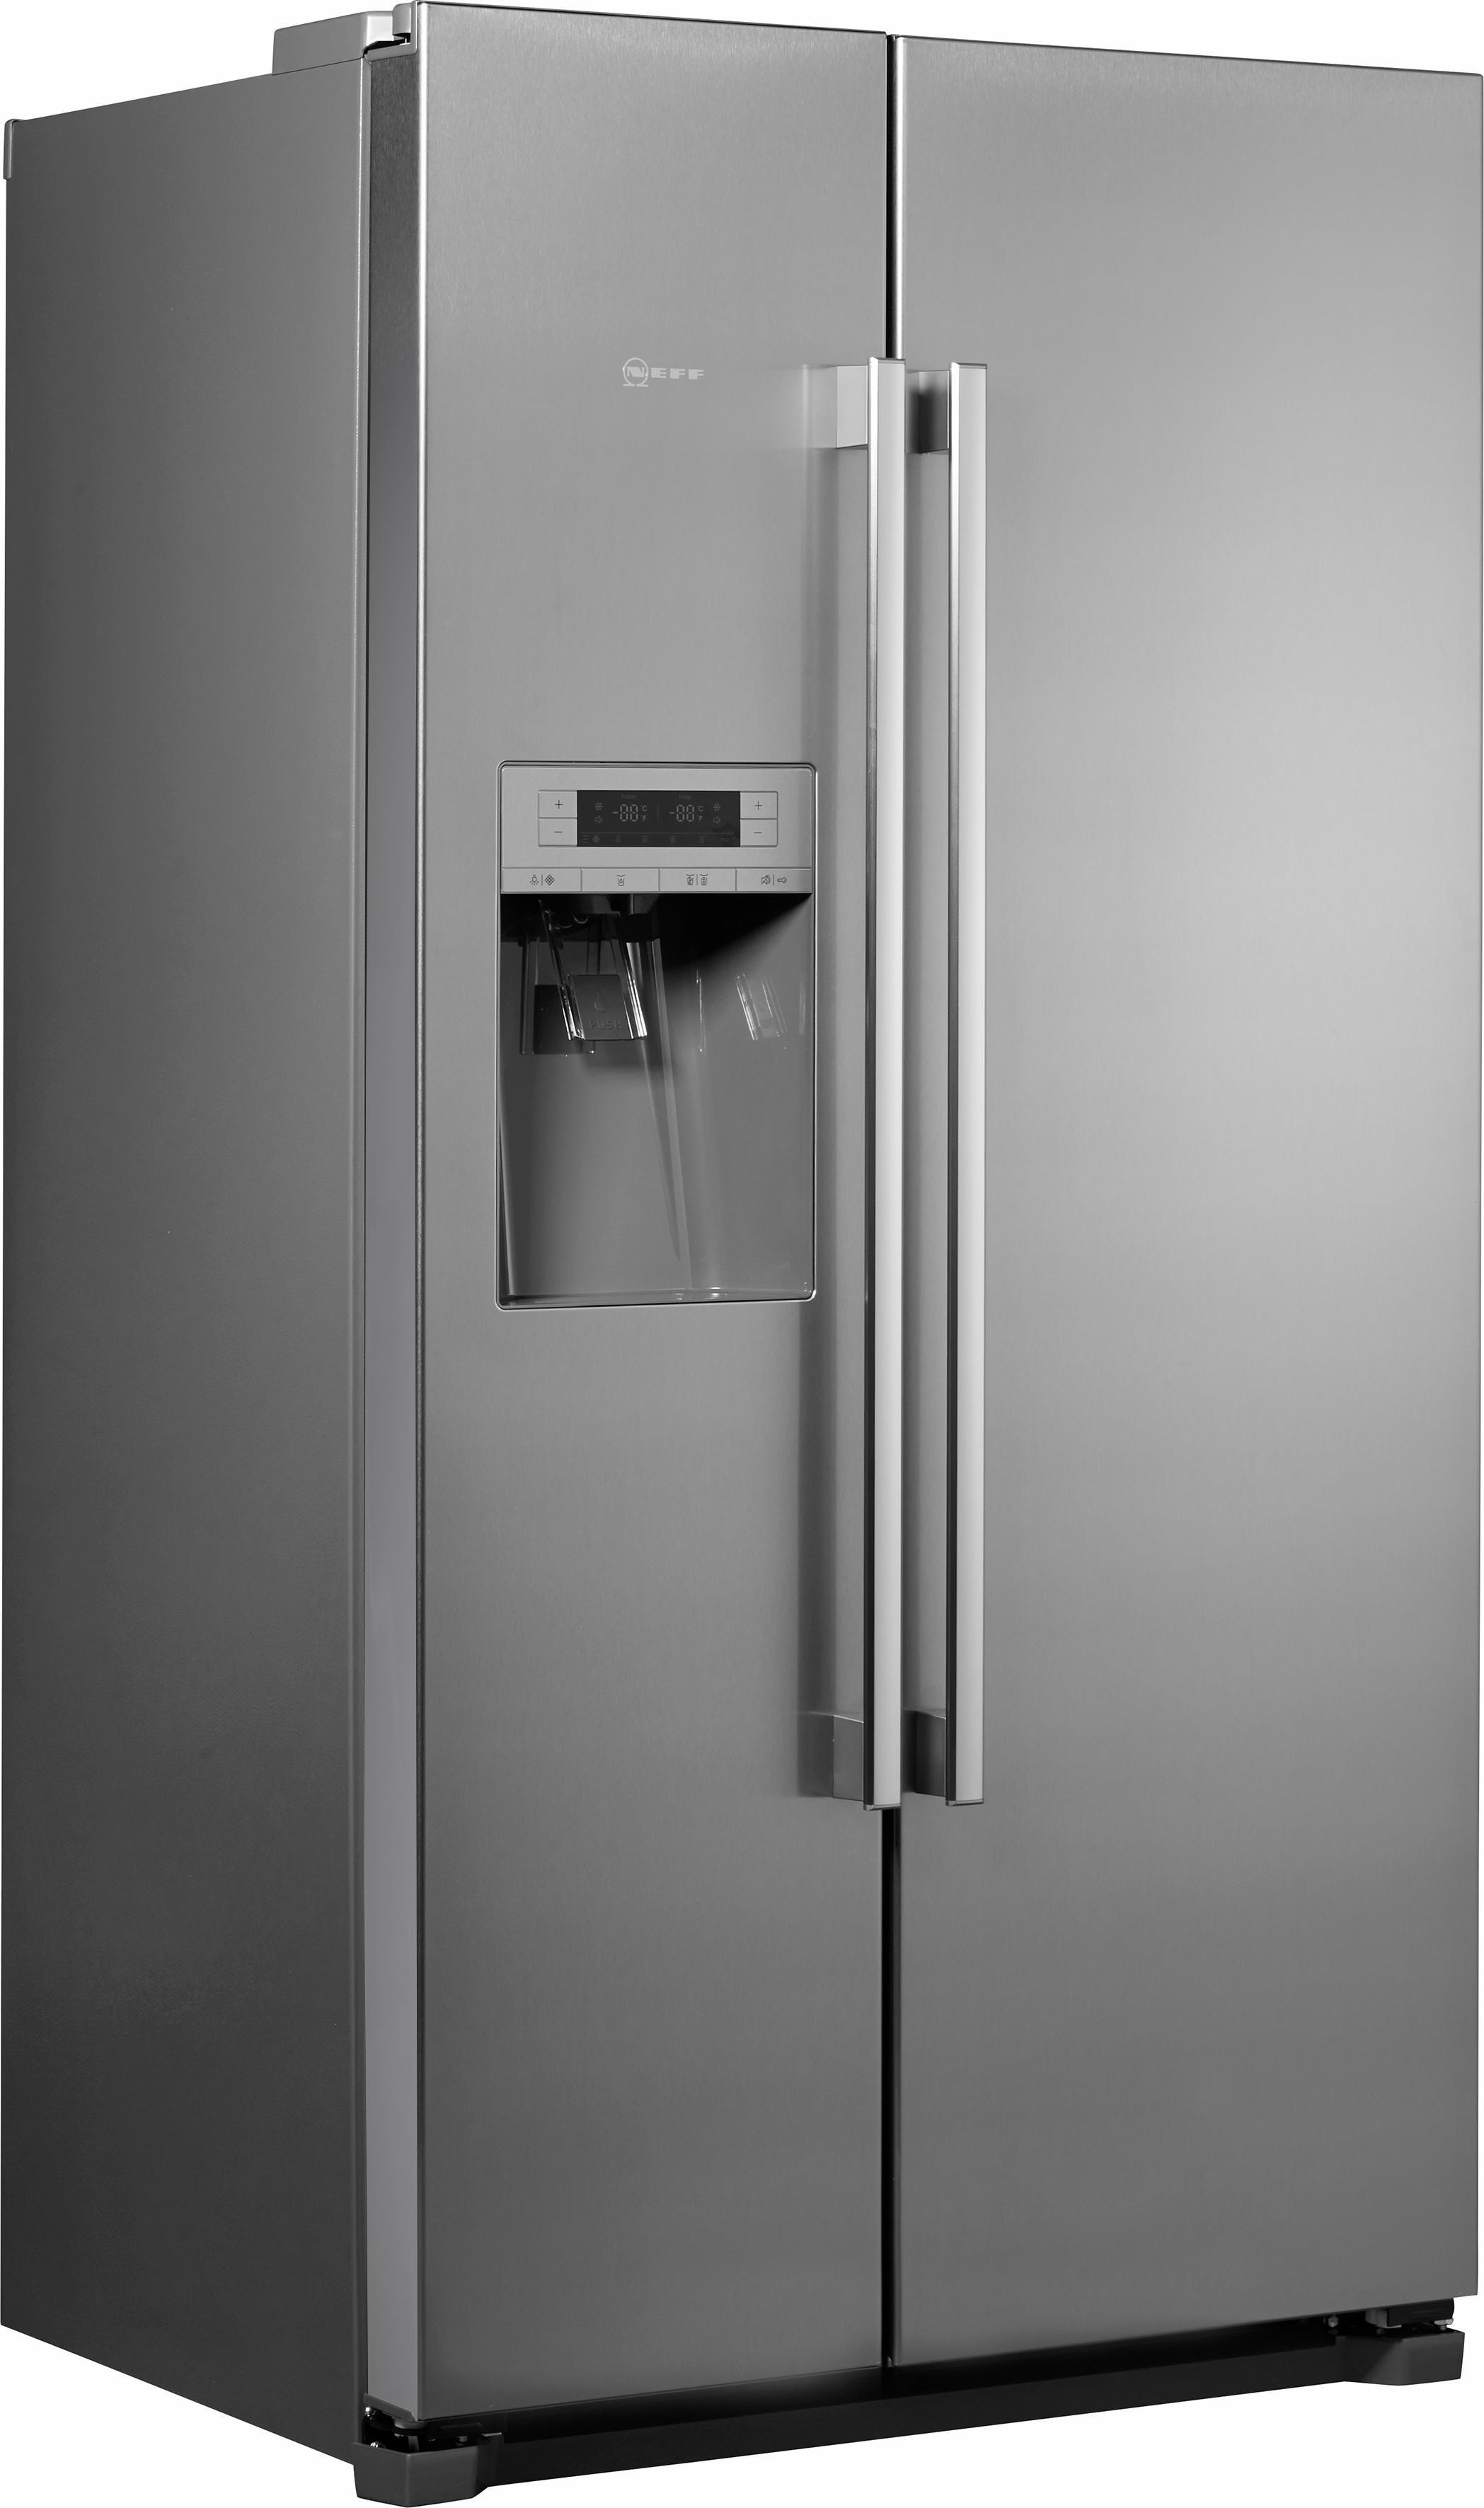 Neff side-by-side koelkast KA3902I20, A+, 177 cm hoog, No Frost in de webshop van OTTO kopen